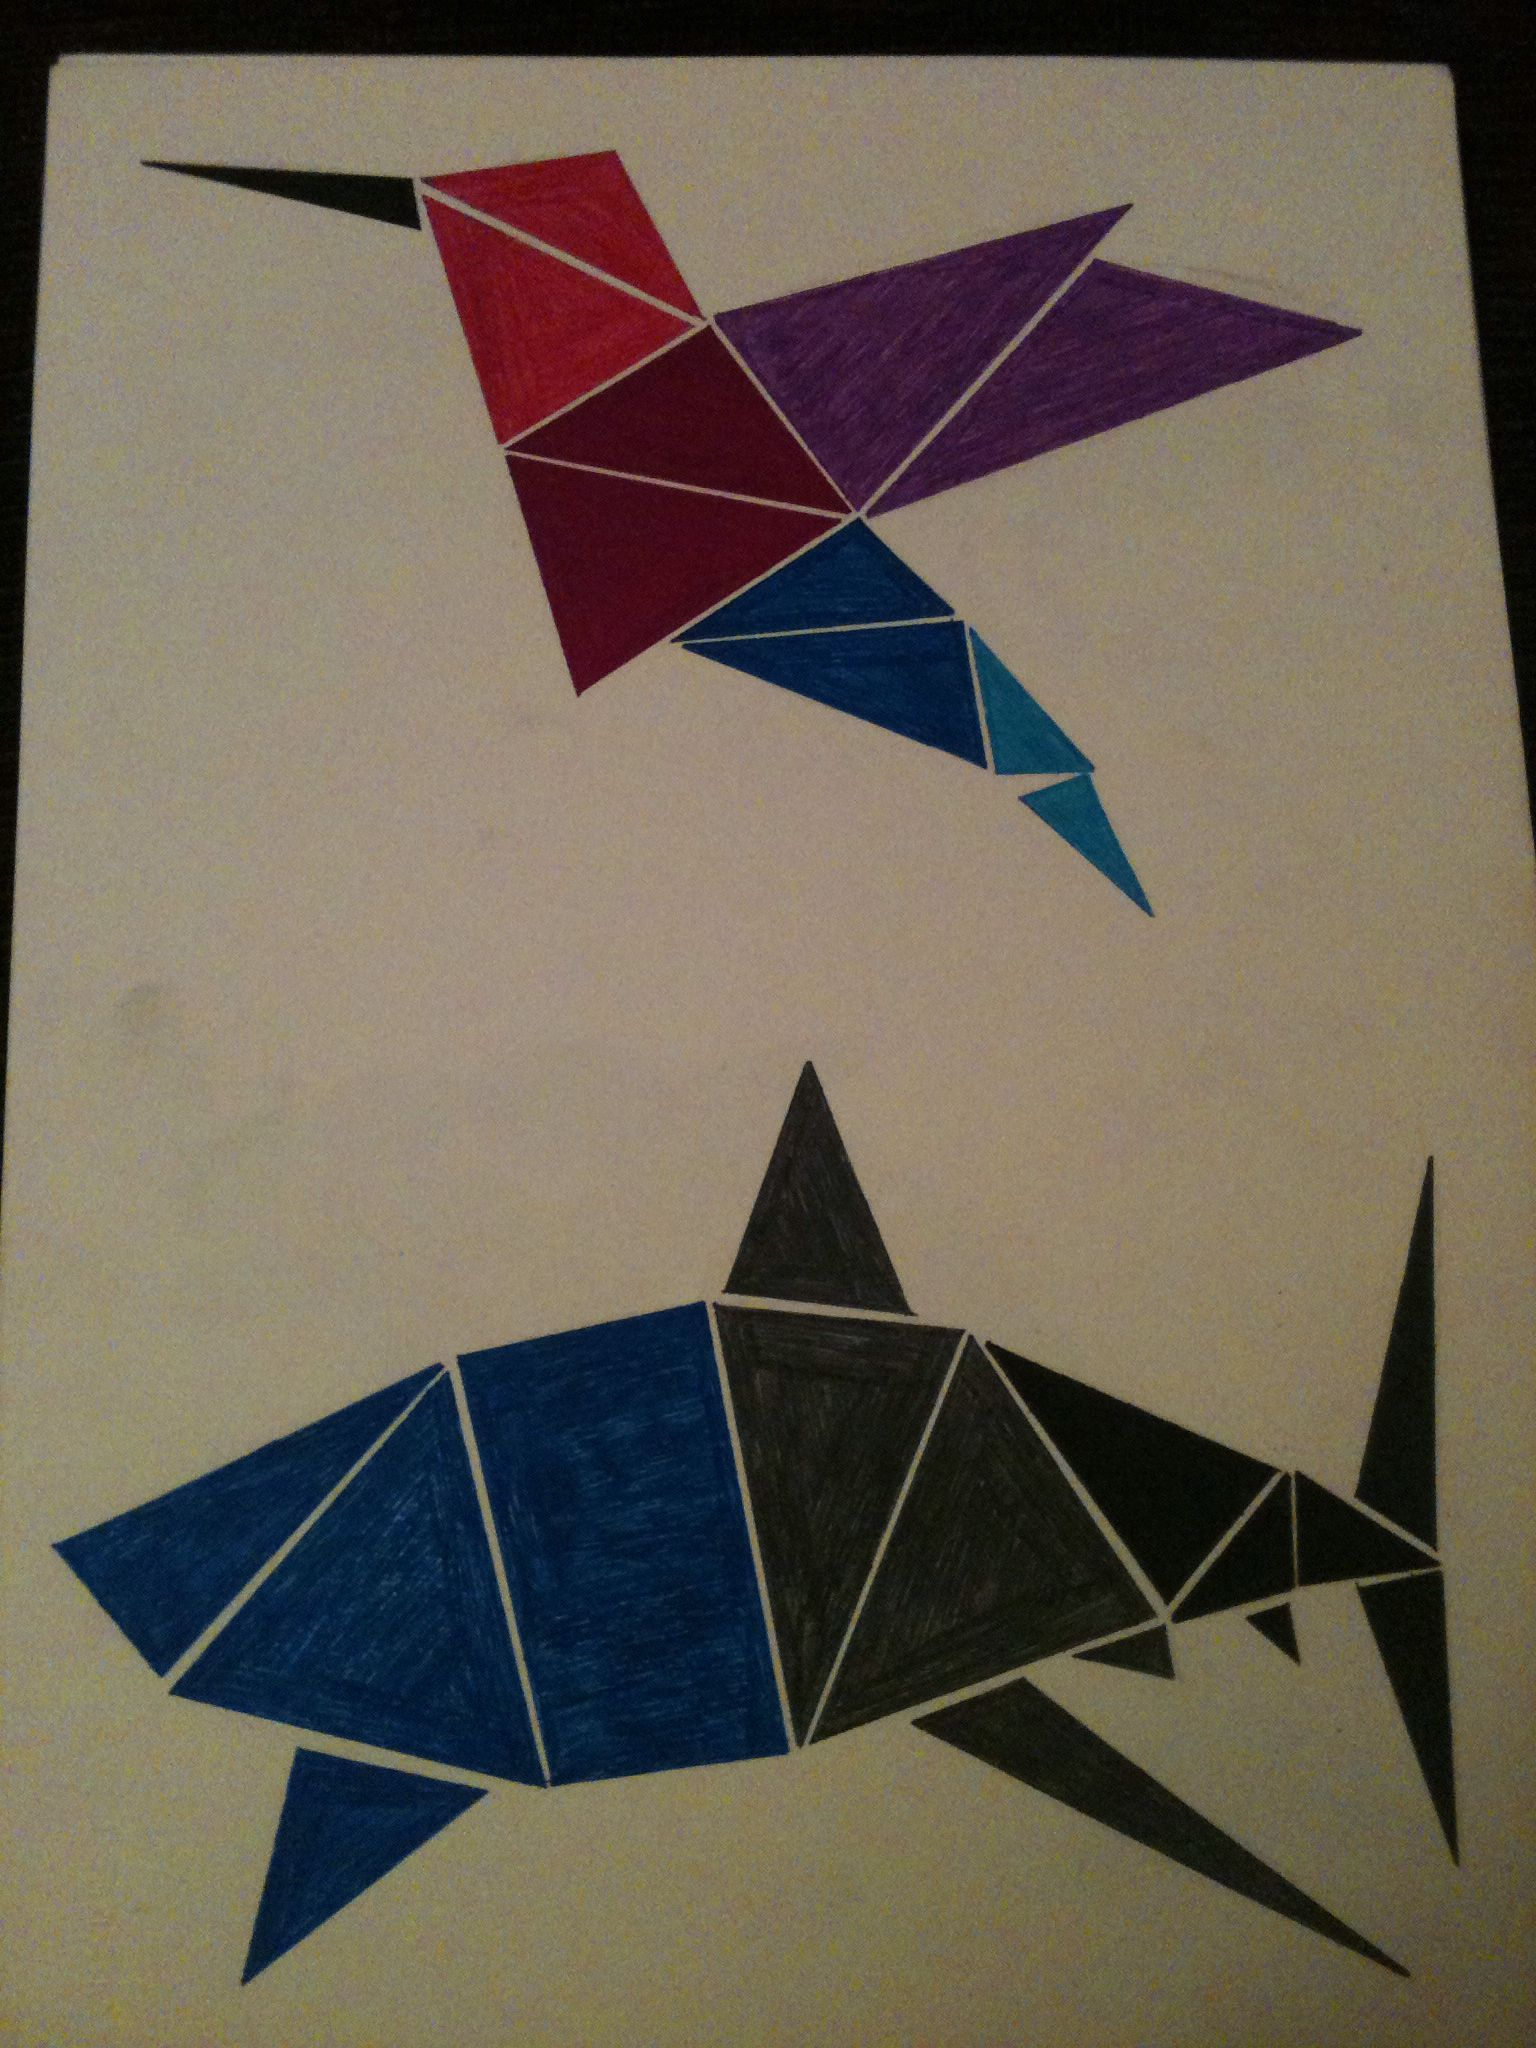 Animales hechos con figuras geom tricas colibr esta for Cuadros con formas geometricas